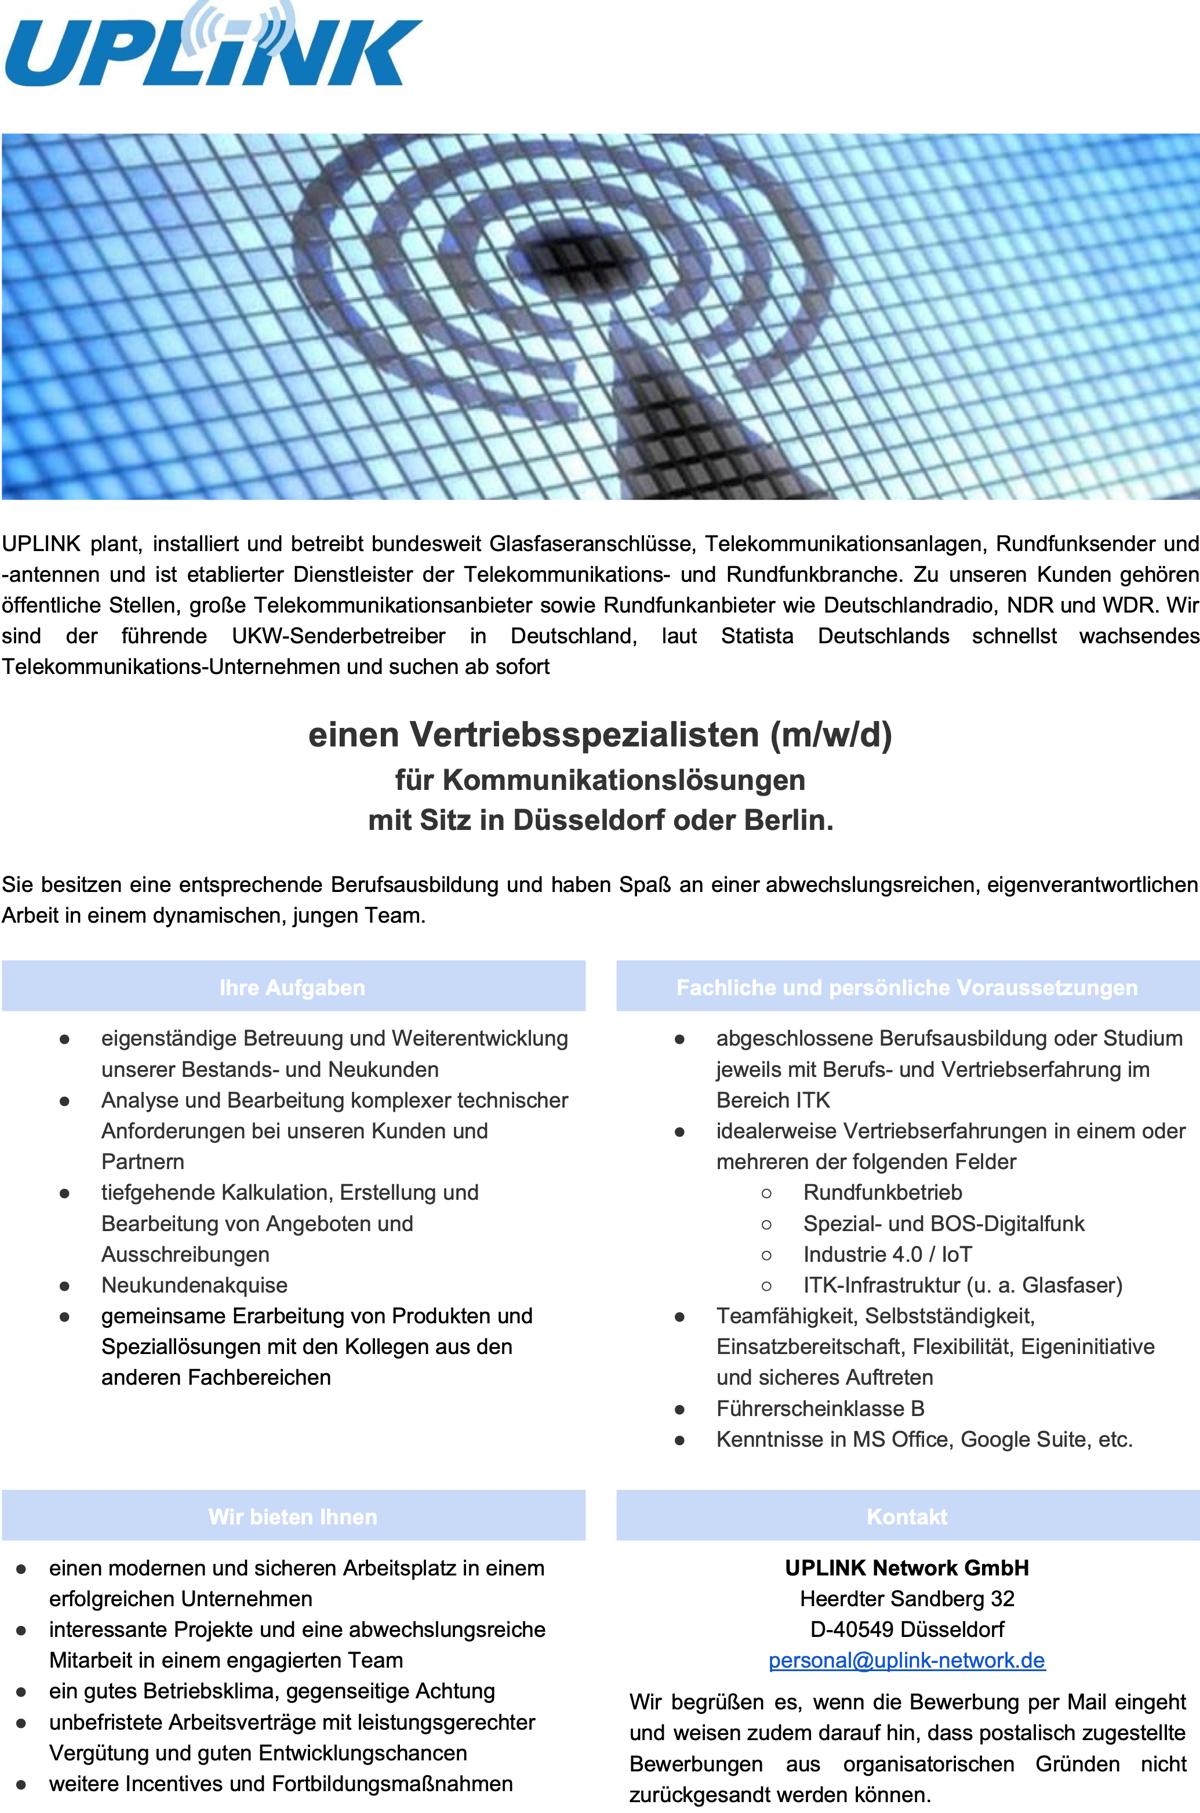 UPLINK sucht Vertriebsspezialist (m/w/d)